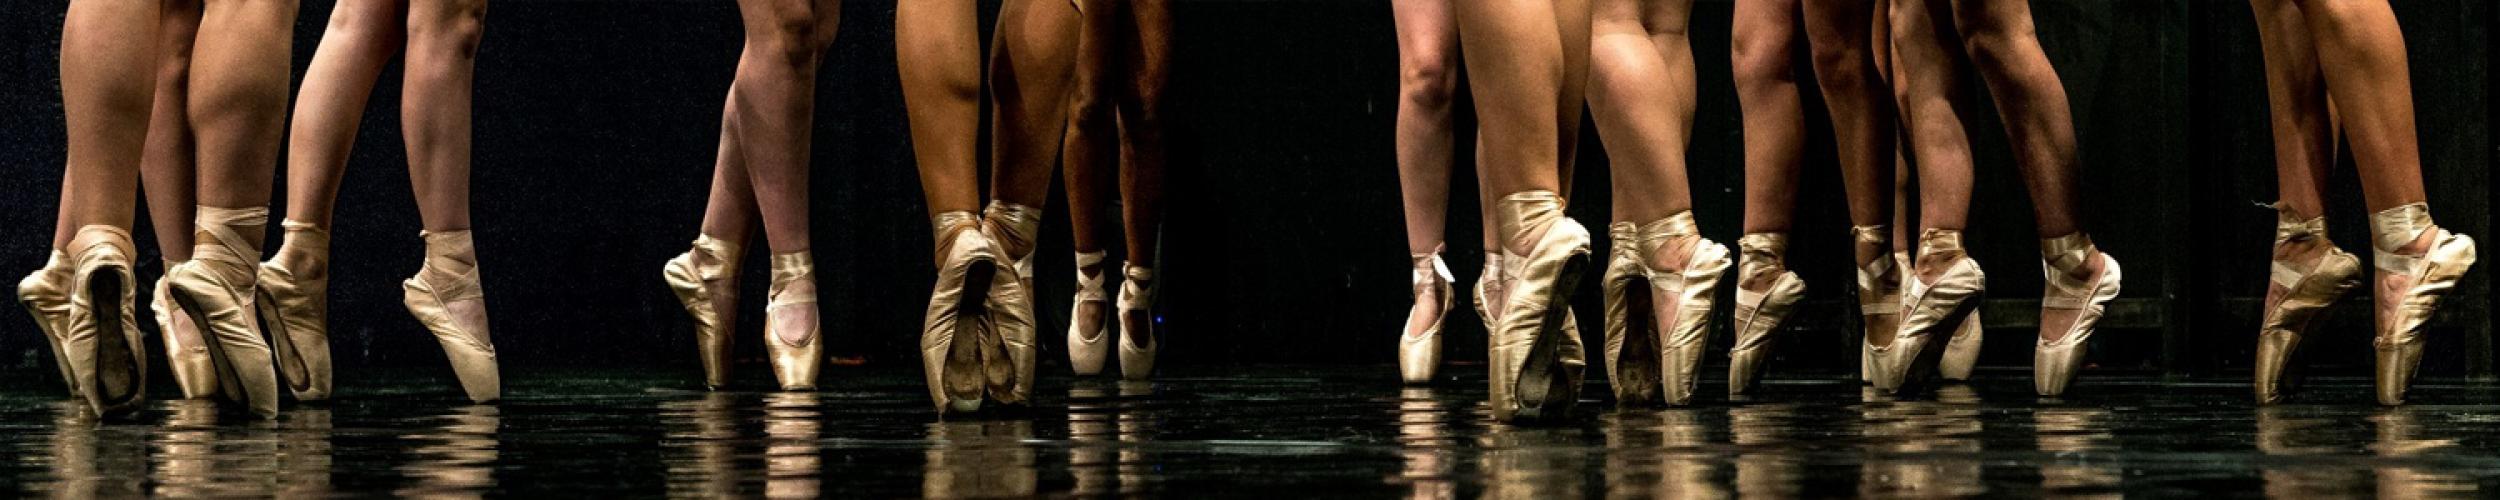 de nieuwe makkelijke, duidelijke en snelle website van de izegemse dansacademie door Joke Maakt Websites